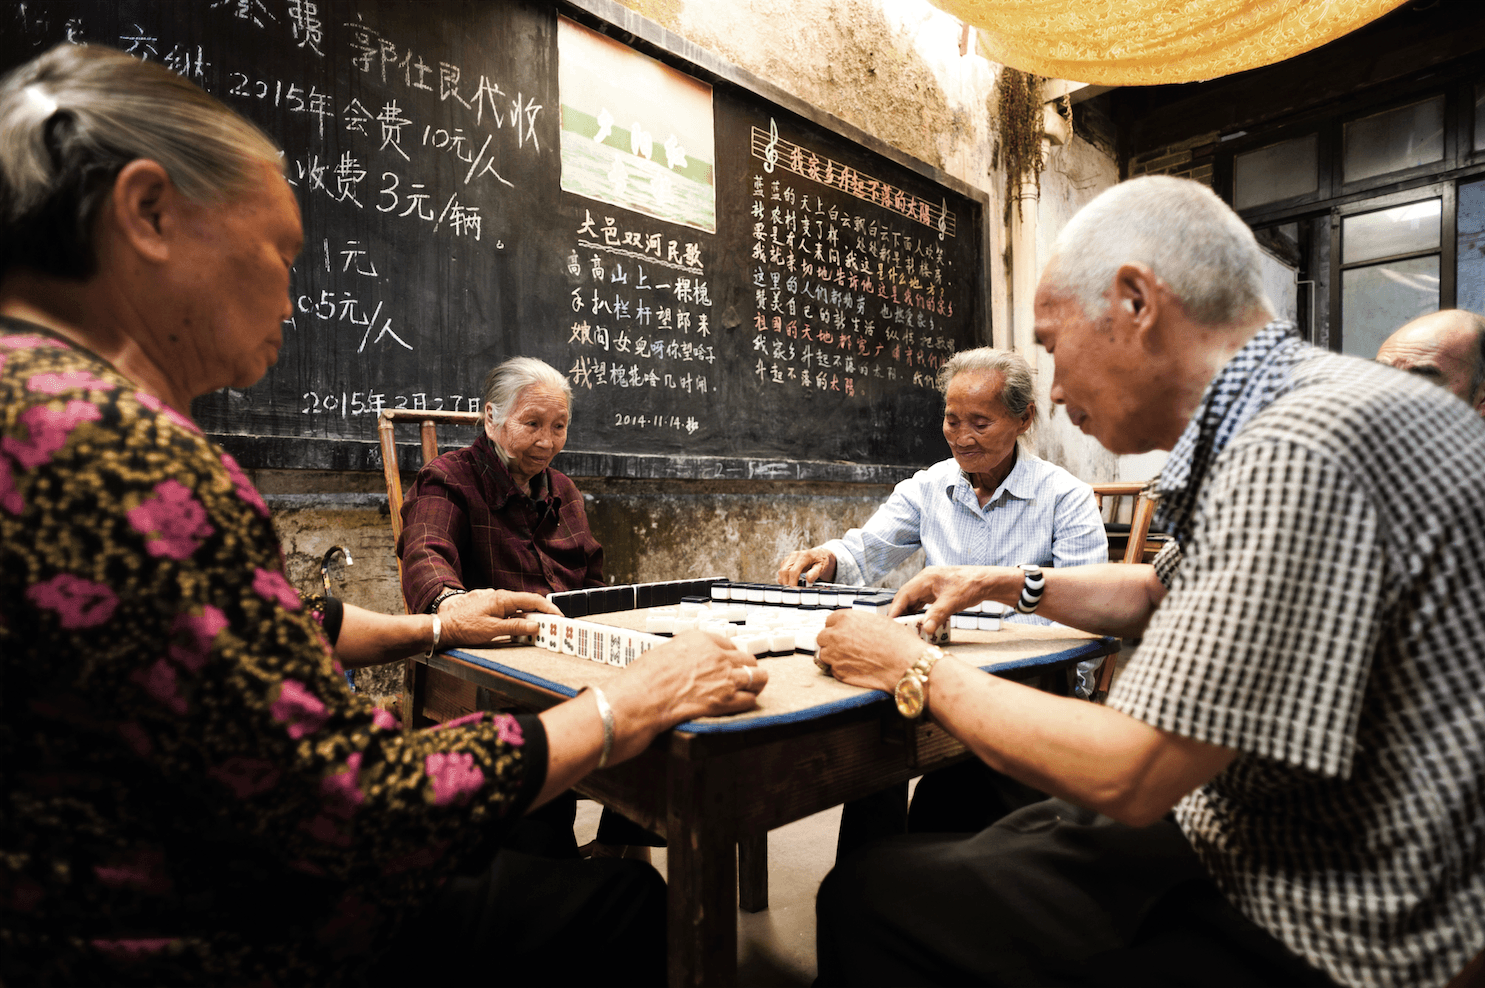 Personnes âgées jouant au mah-jong, dans un salon de thé à Chongzhou (province du Sichuan), au centre de la Chine.